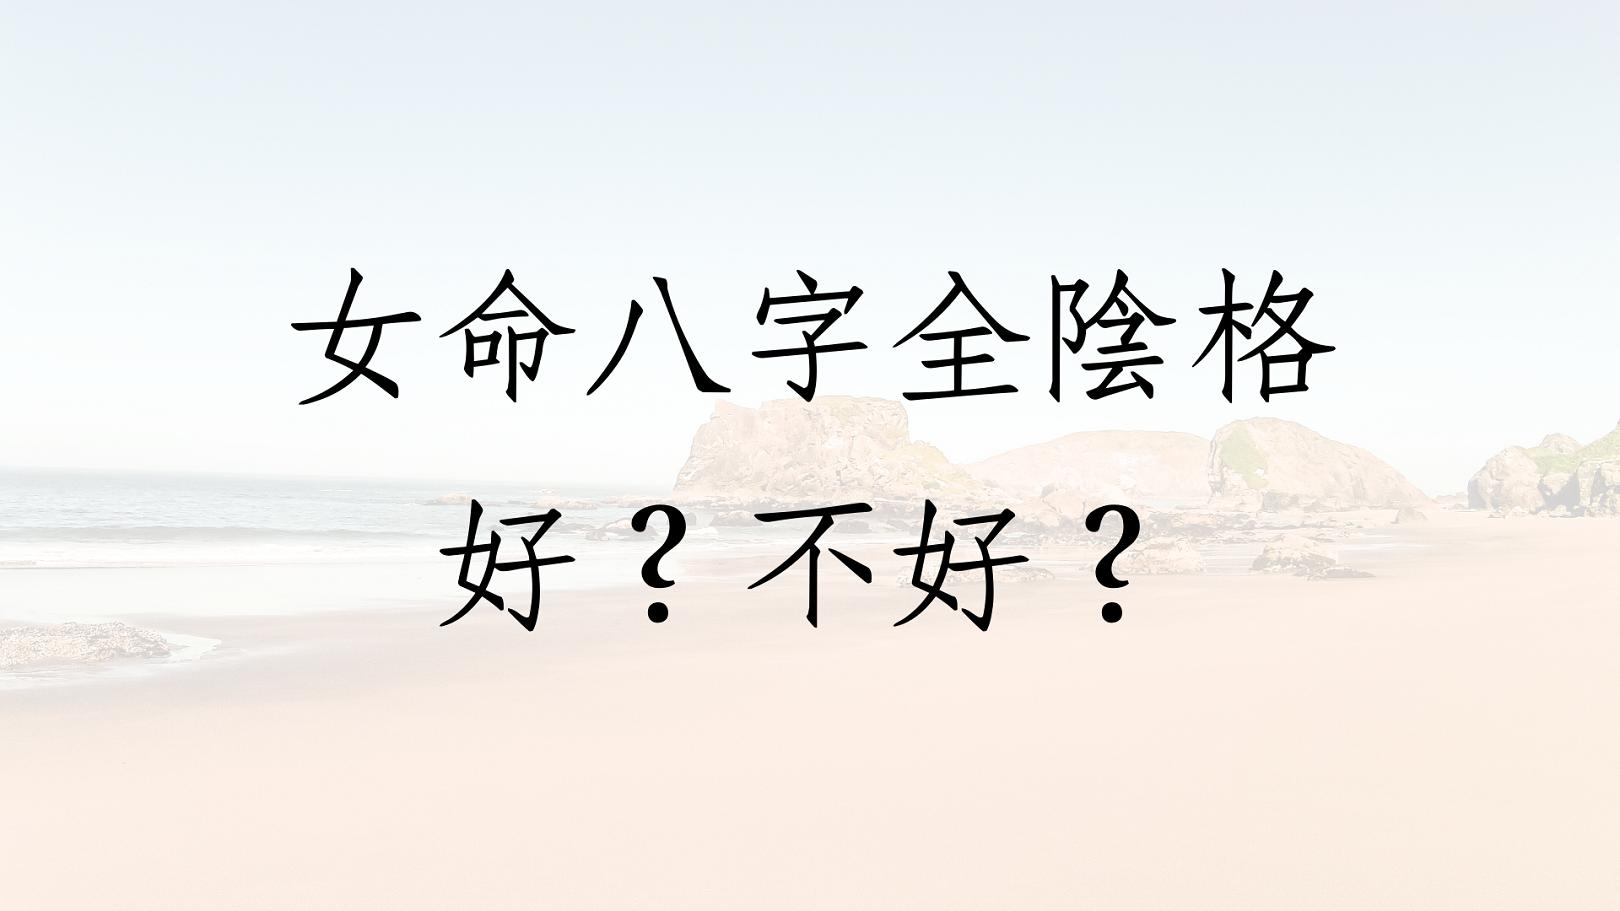 《蔡添逸八字實例1361堂》女命八字全陰格是好是壞?